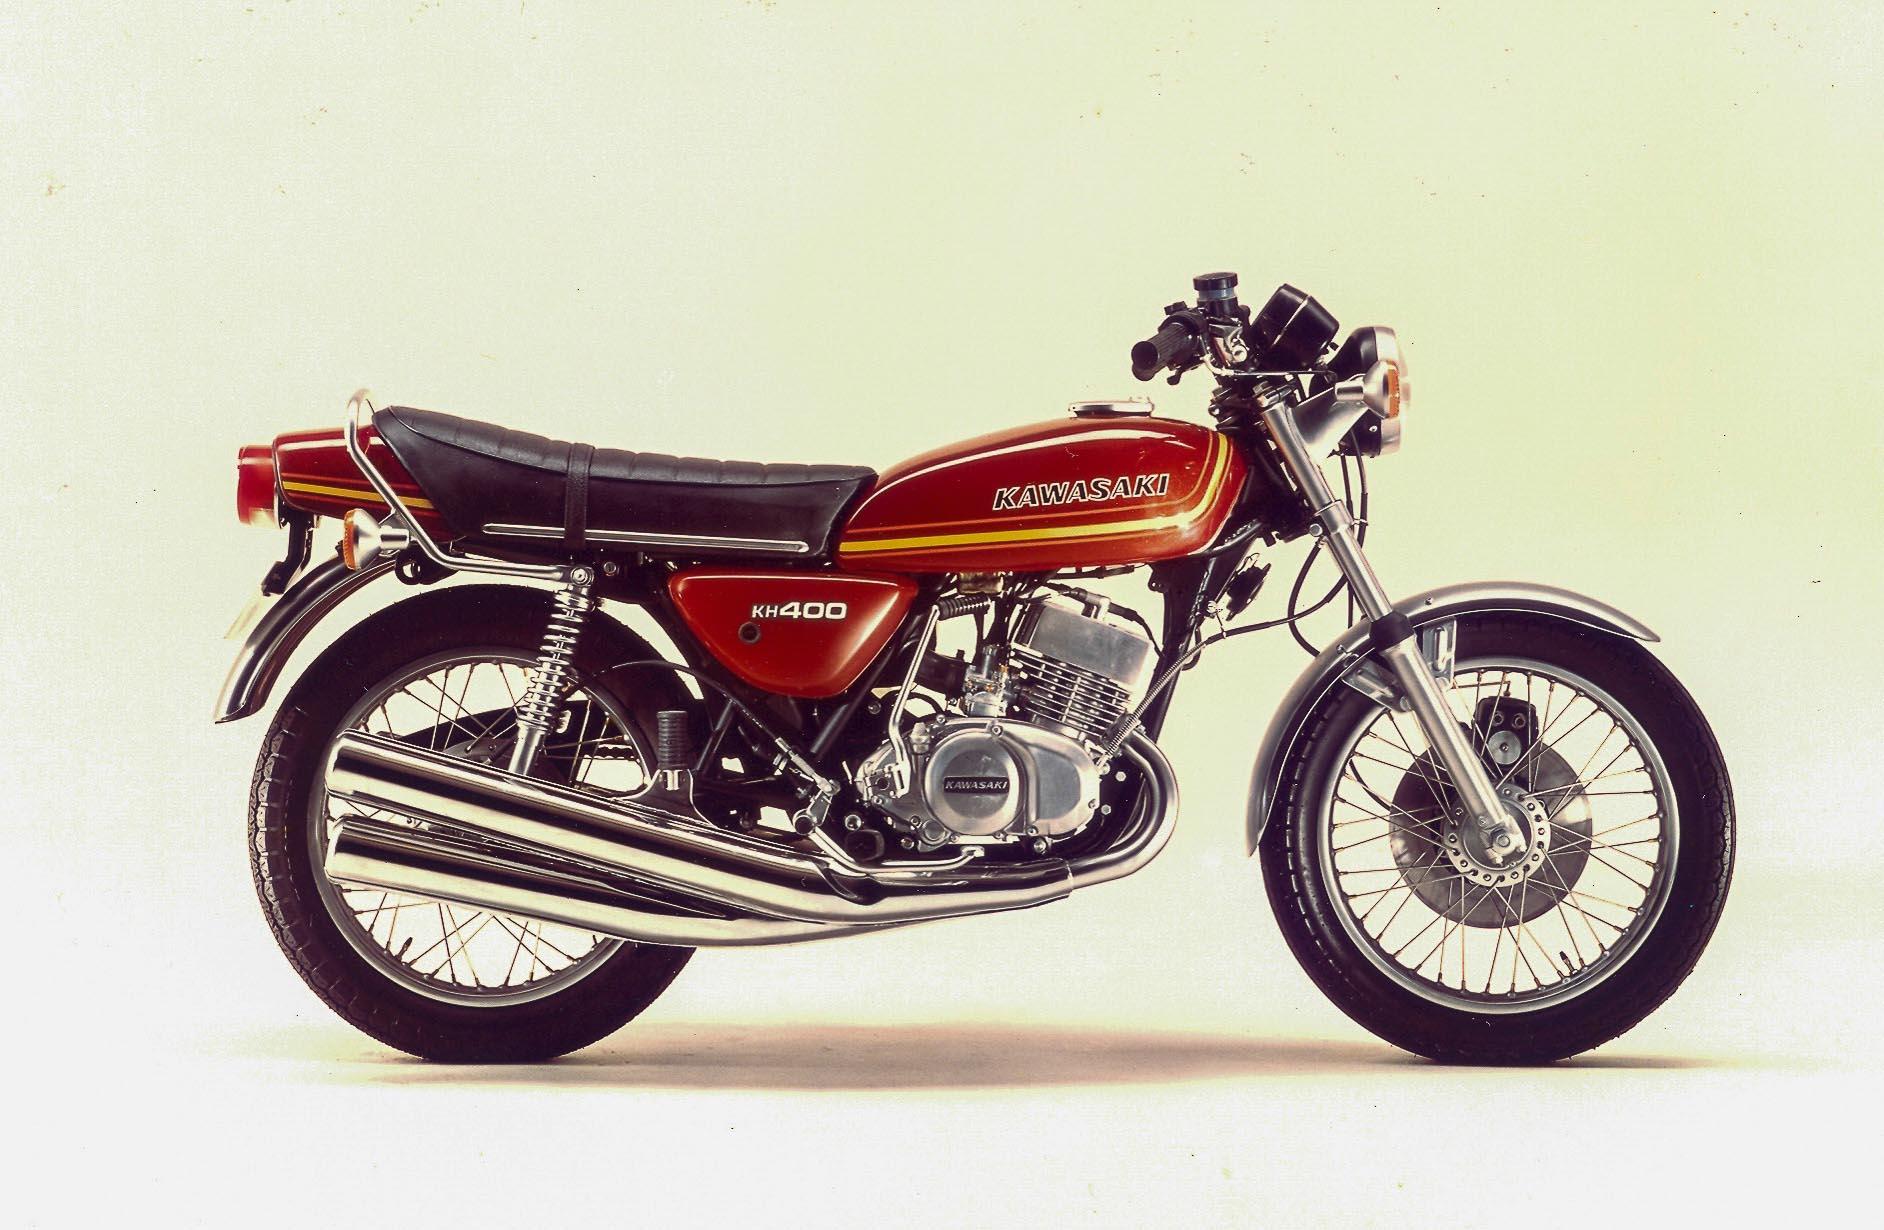 KAWASAKI 400 S3 (1973-1978)